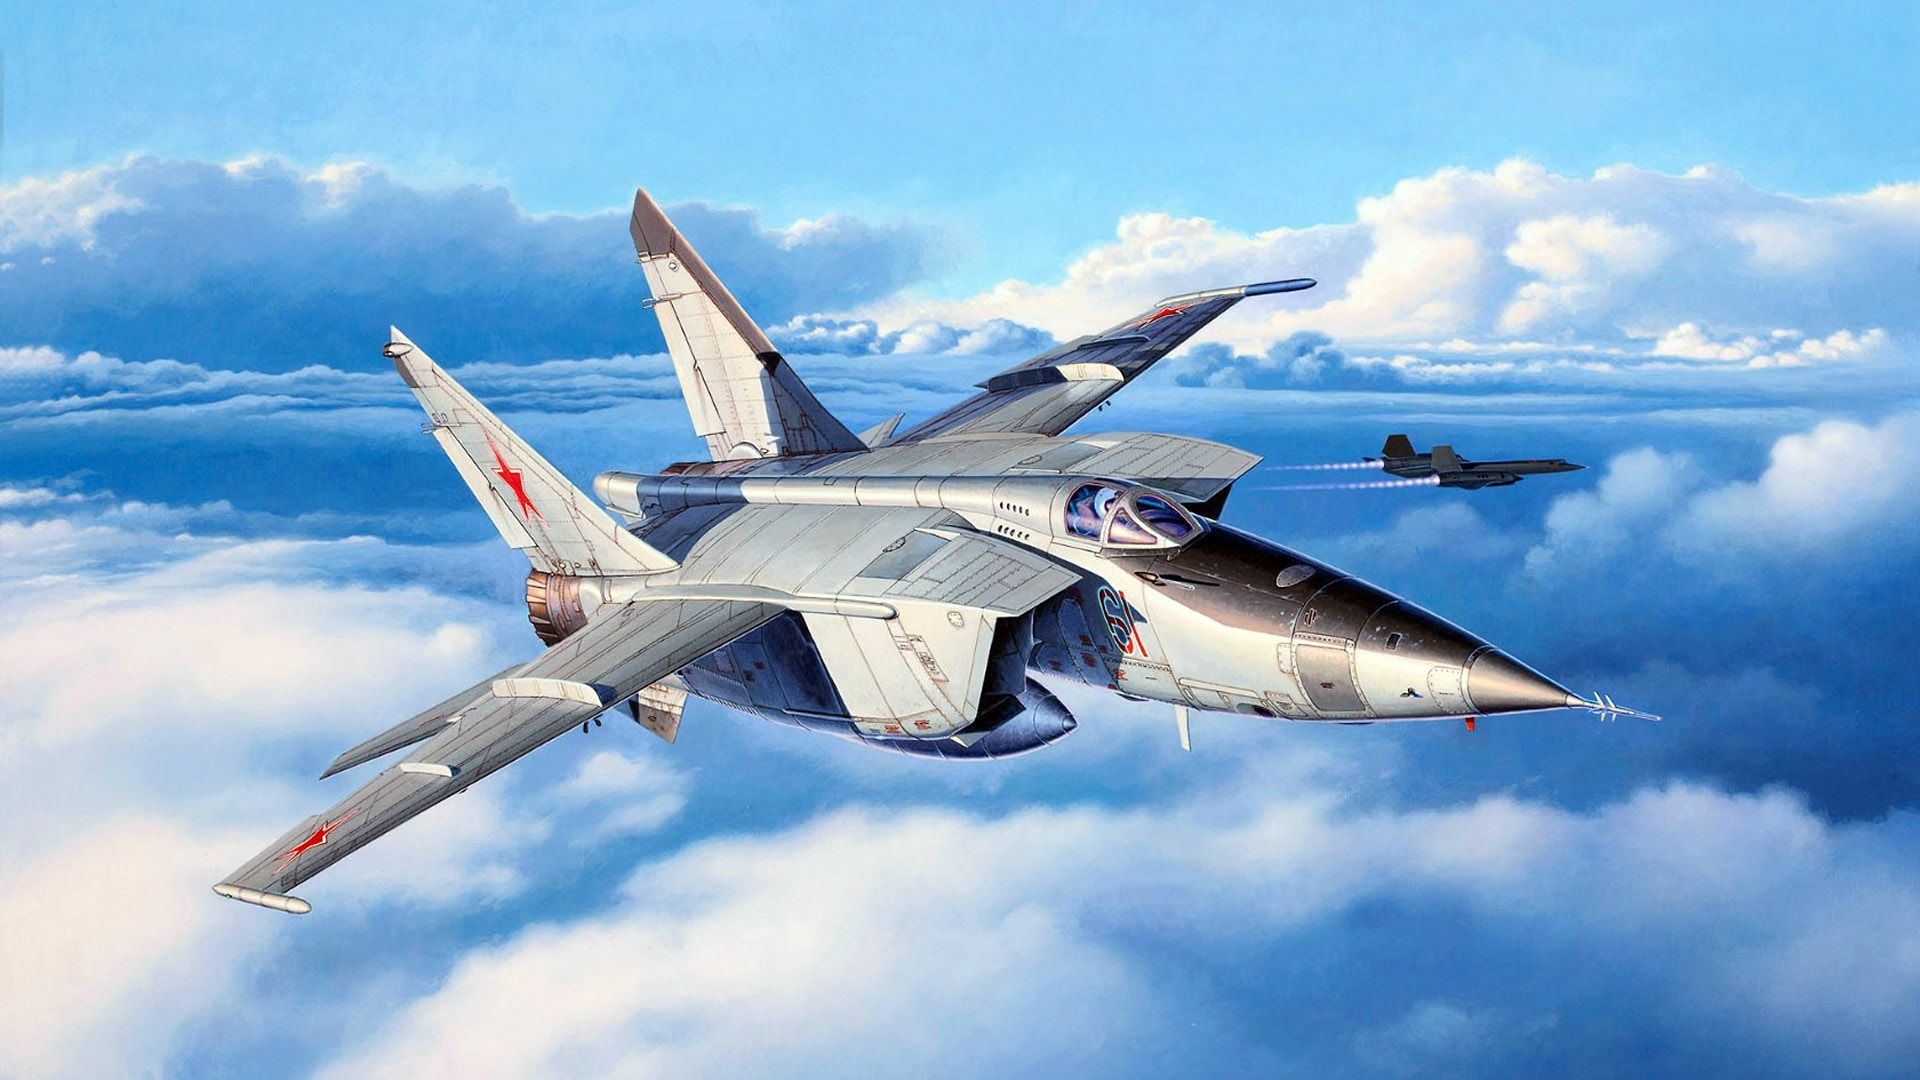 Обои миг-31, ввс, Микоян и гуревич, перехватчик, истребитель. Авиация foto 18